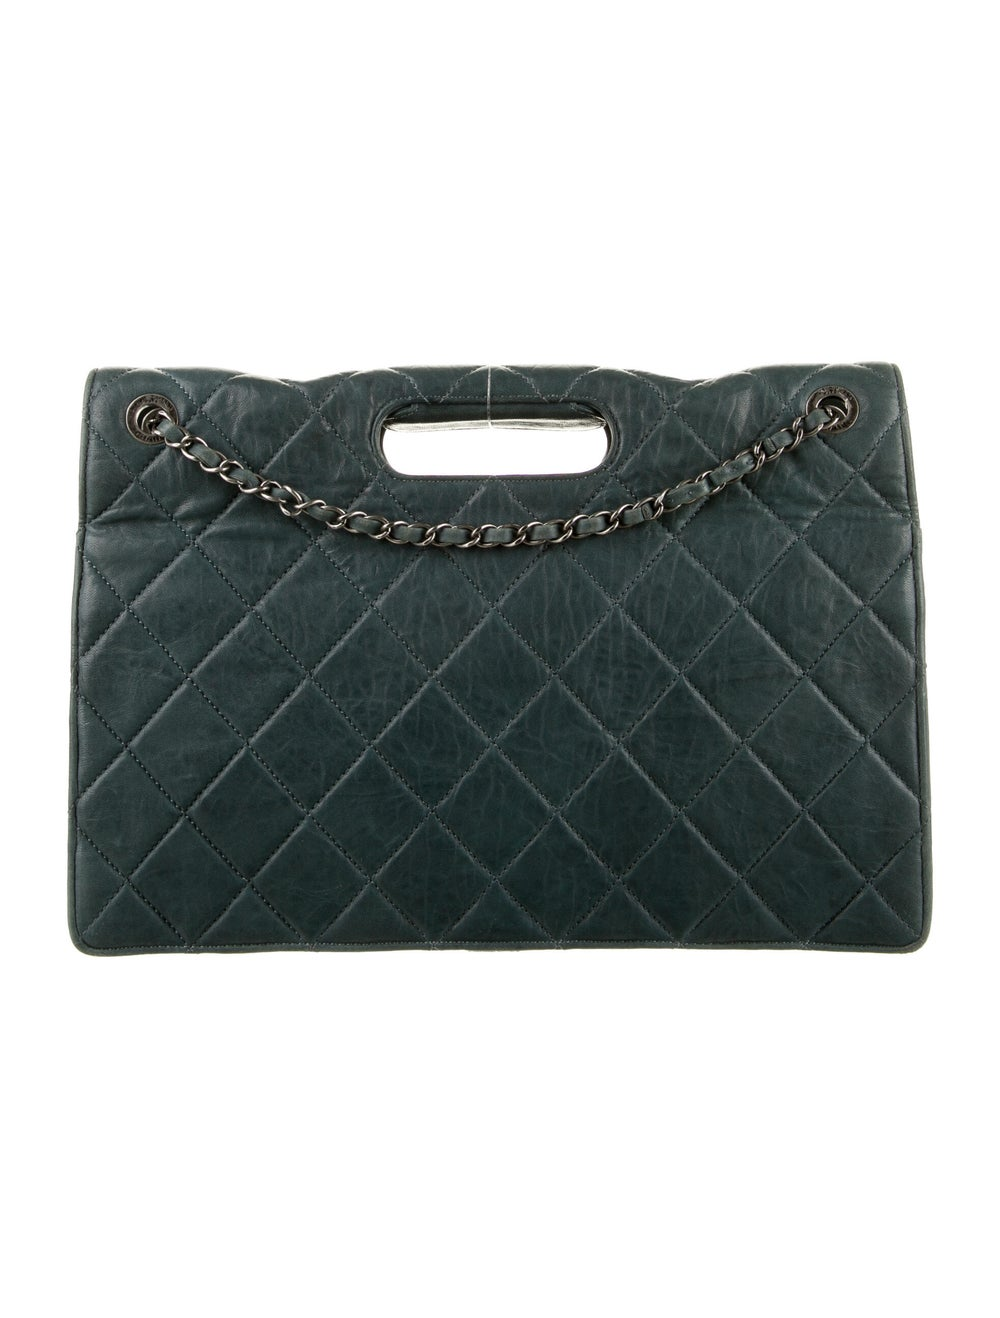 Chanel Paris-Byzance Take-Away Flap Bag Blue - image 4